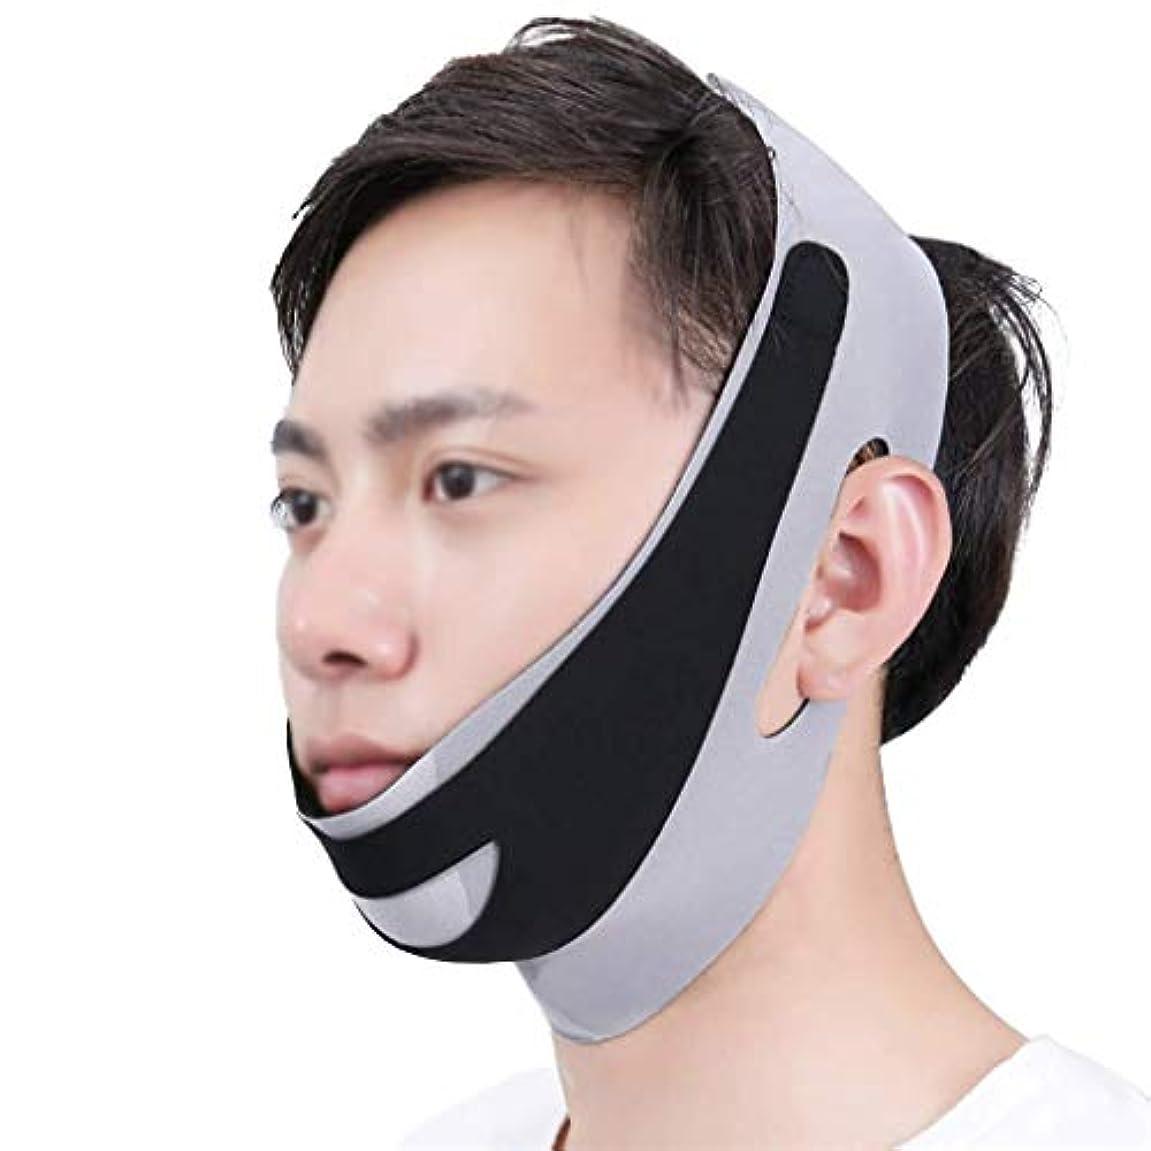 病気必要クリスチャン顔と首のリフト術後の弾性フェイスマスク小さなV顔アーティファクト薄い顔包帯アーティファクトV顔ぶら下げ耳リフティング引き締め男性の顔アーティファクト